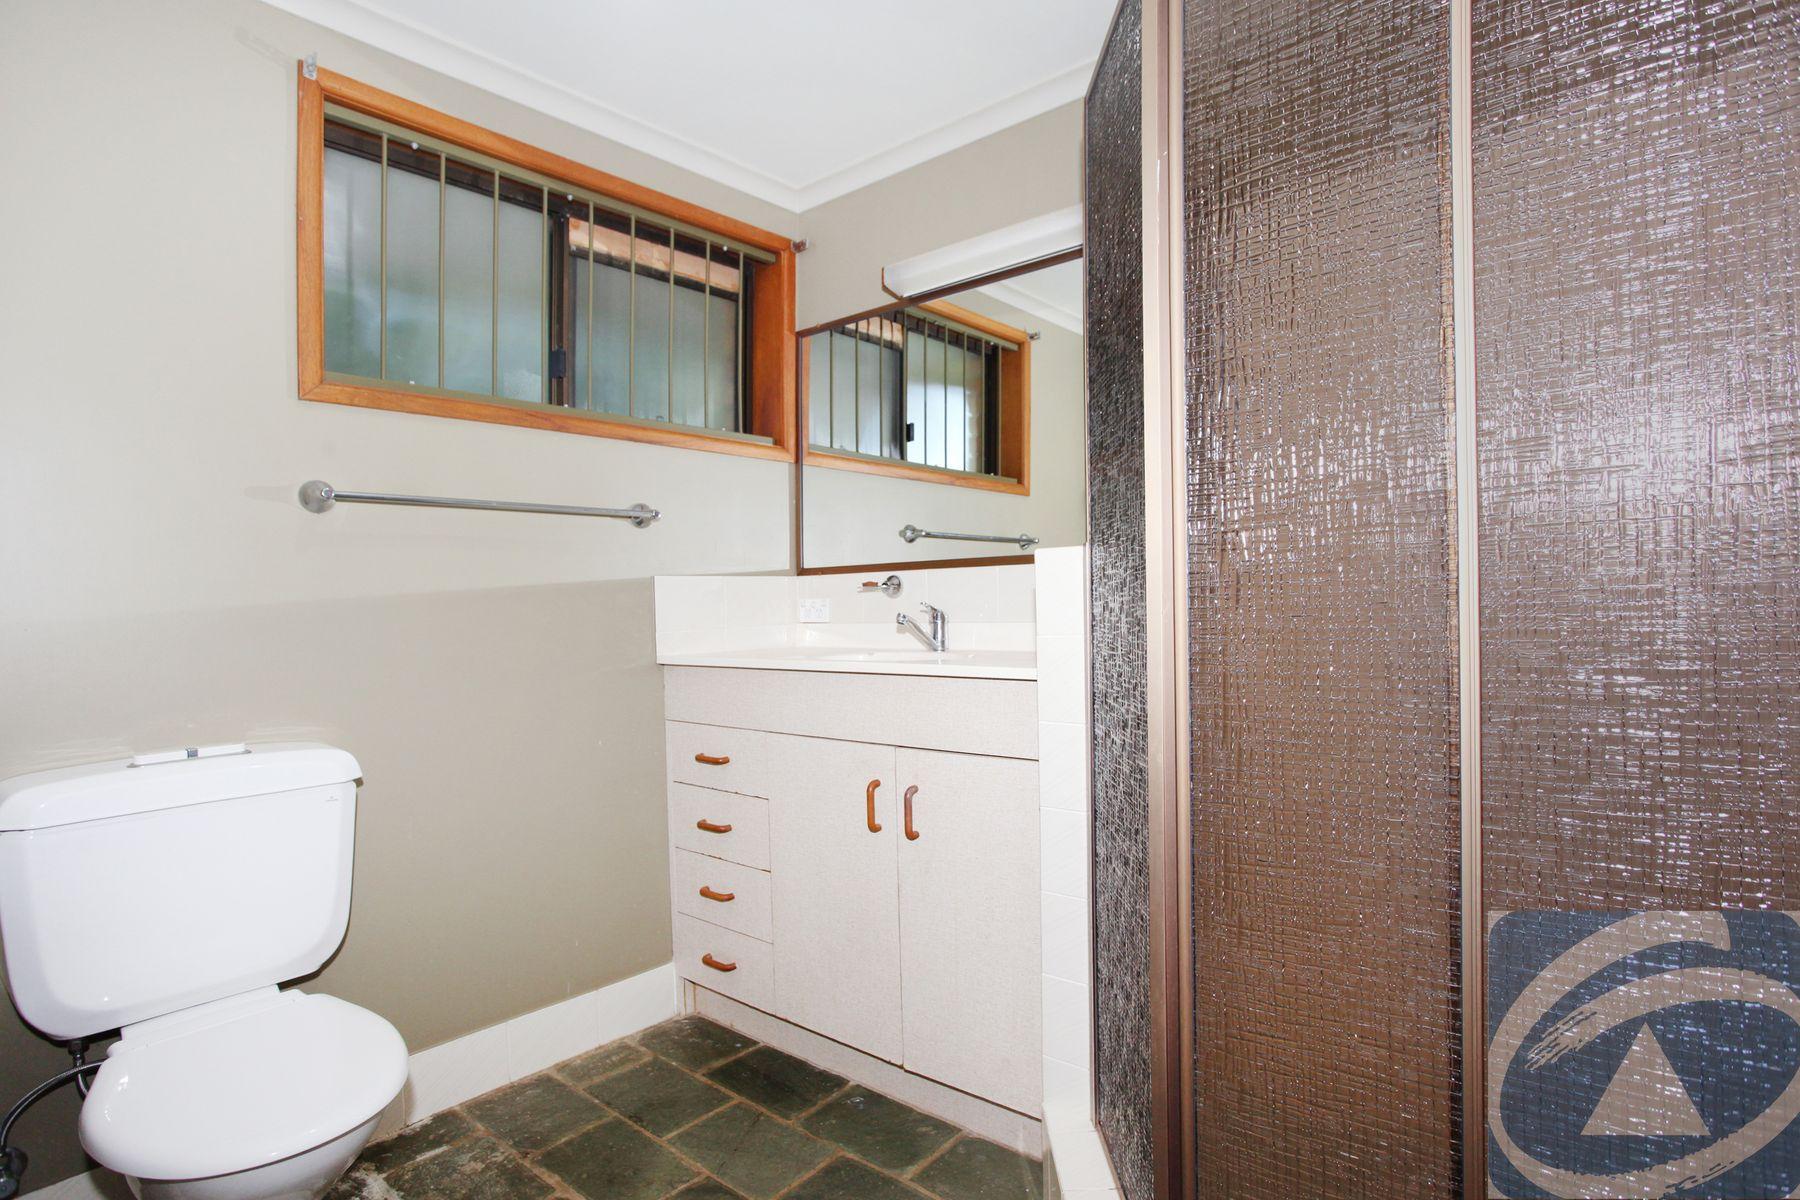 74 Towen Mount Road, Towen Mountain, QLD 4560